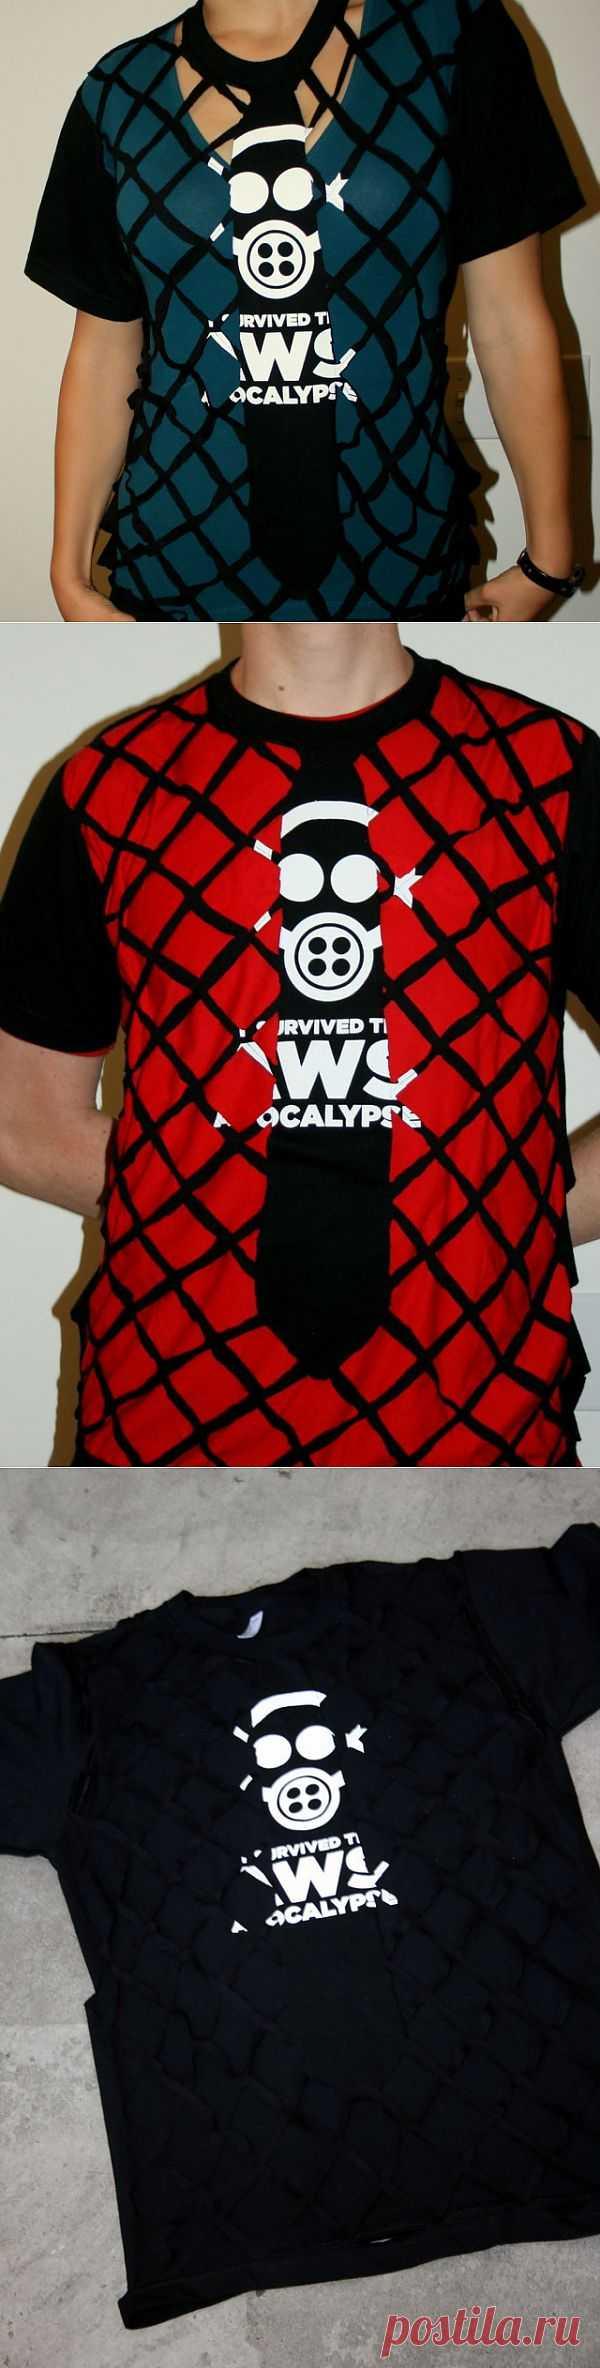 Футболка с галстуком / Футболки DIY / Модный сайт о стильной переделке одежды и интерьера